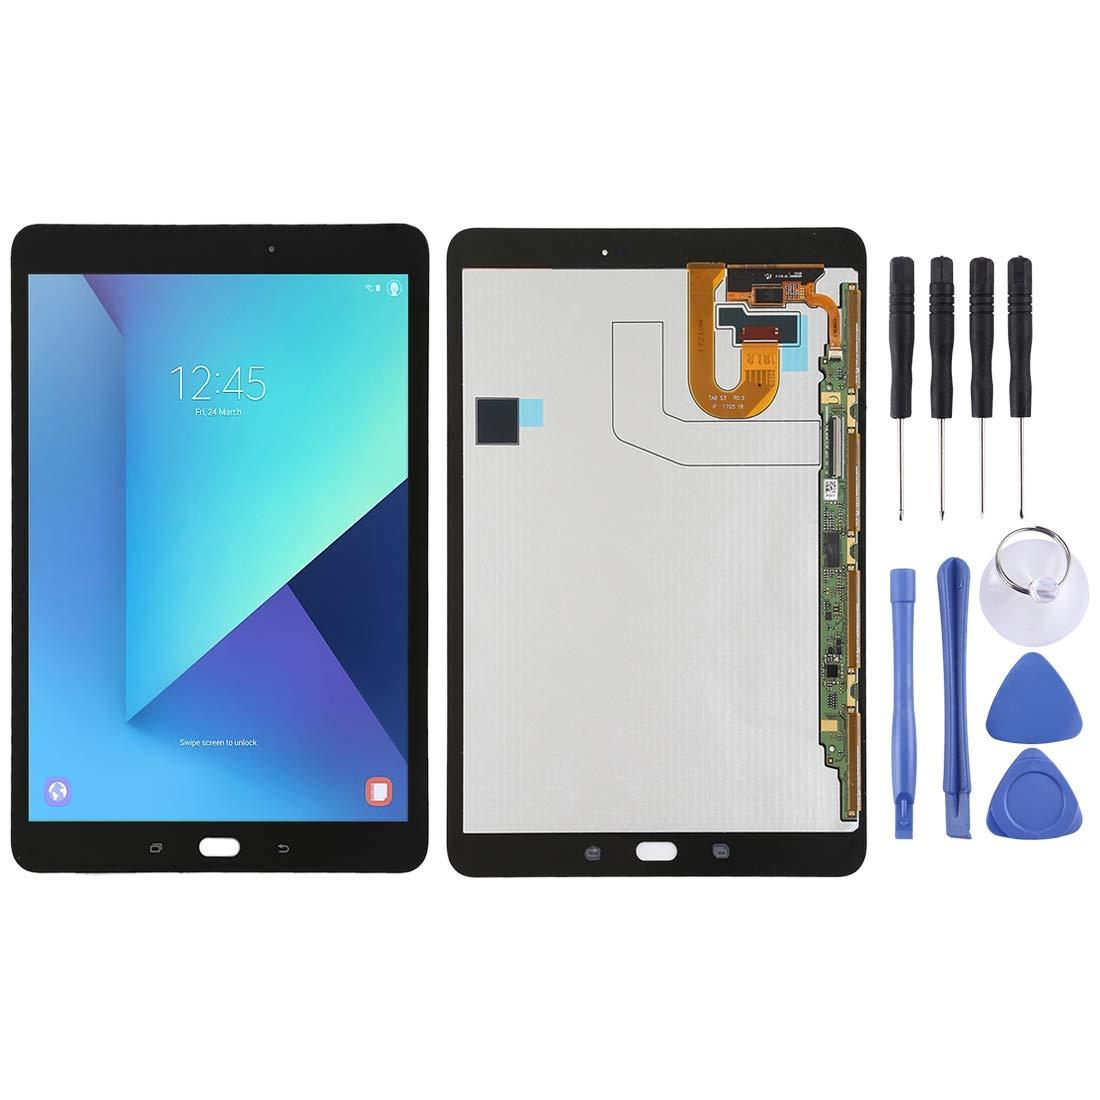 日本初の 修理用フロントパネル(フロントガラスデジタイザ)タッチパネル Lcd液晶パネルセット Samsung Galaxy Tab S3 (色 Samsung T820/ T825のためのLCDスクリーンとデジタイザーのフルアセンブリ Galaxy (色 : Black) Black B07N6D4JKT, DEROQUE:632c5cfa --- senas.4x4.lt